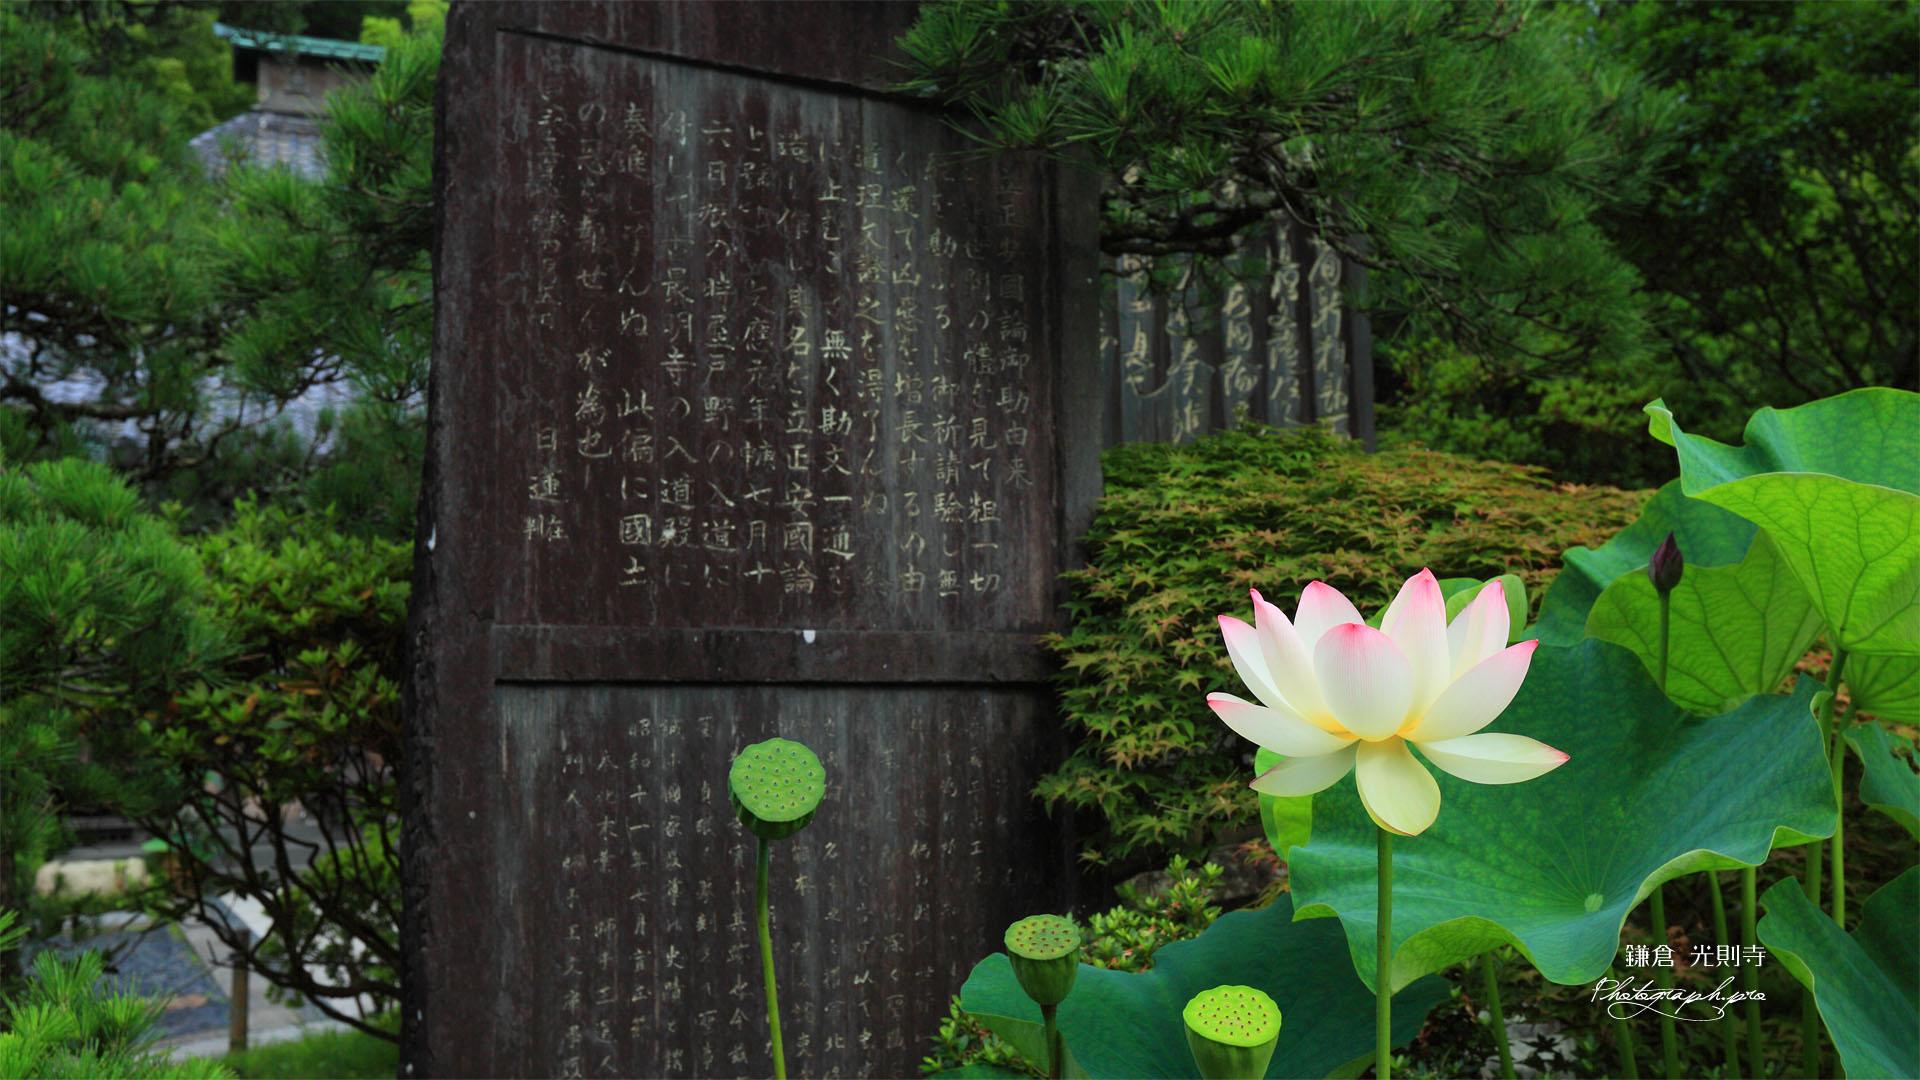 鎌倉光則寺のハスと立正安国論石碑